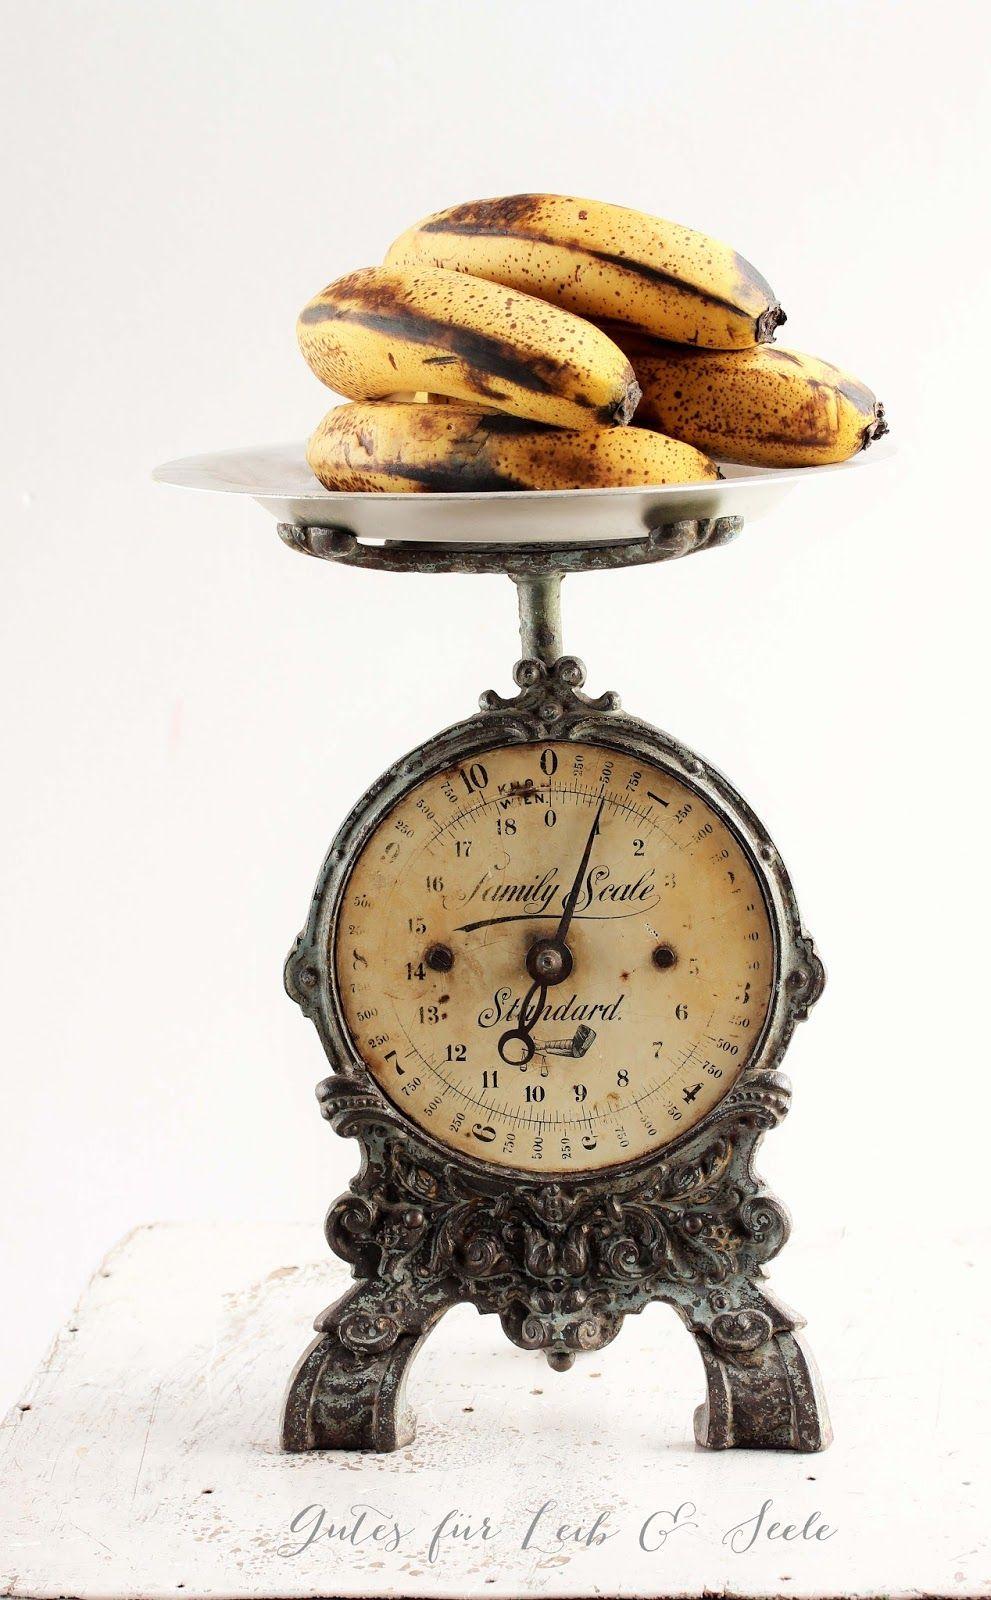 Gutes für Leib & Seele: Bananenkuchen